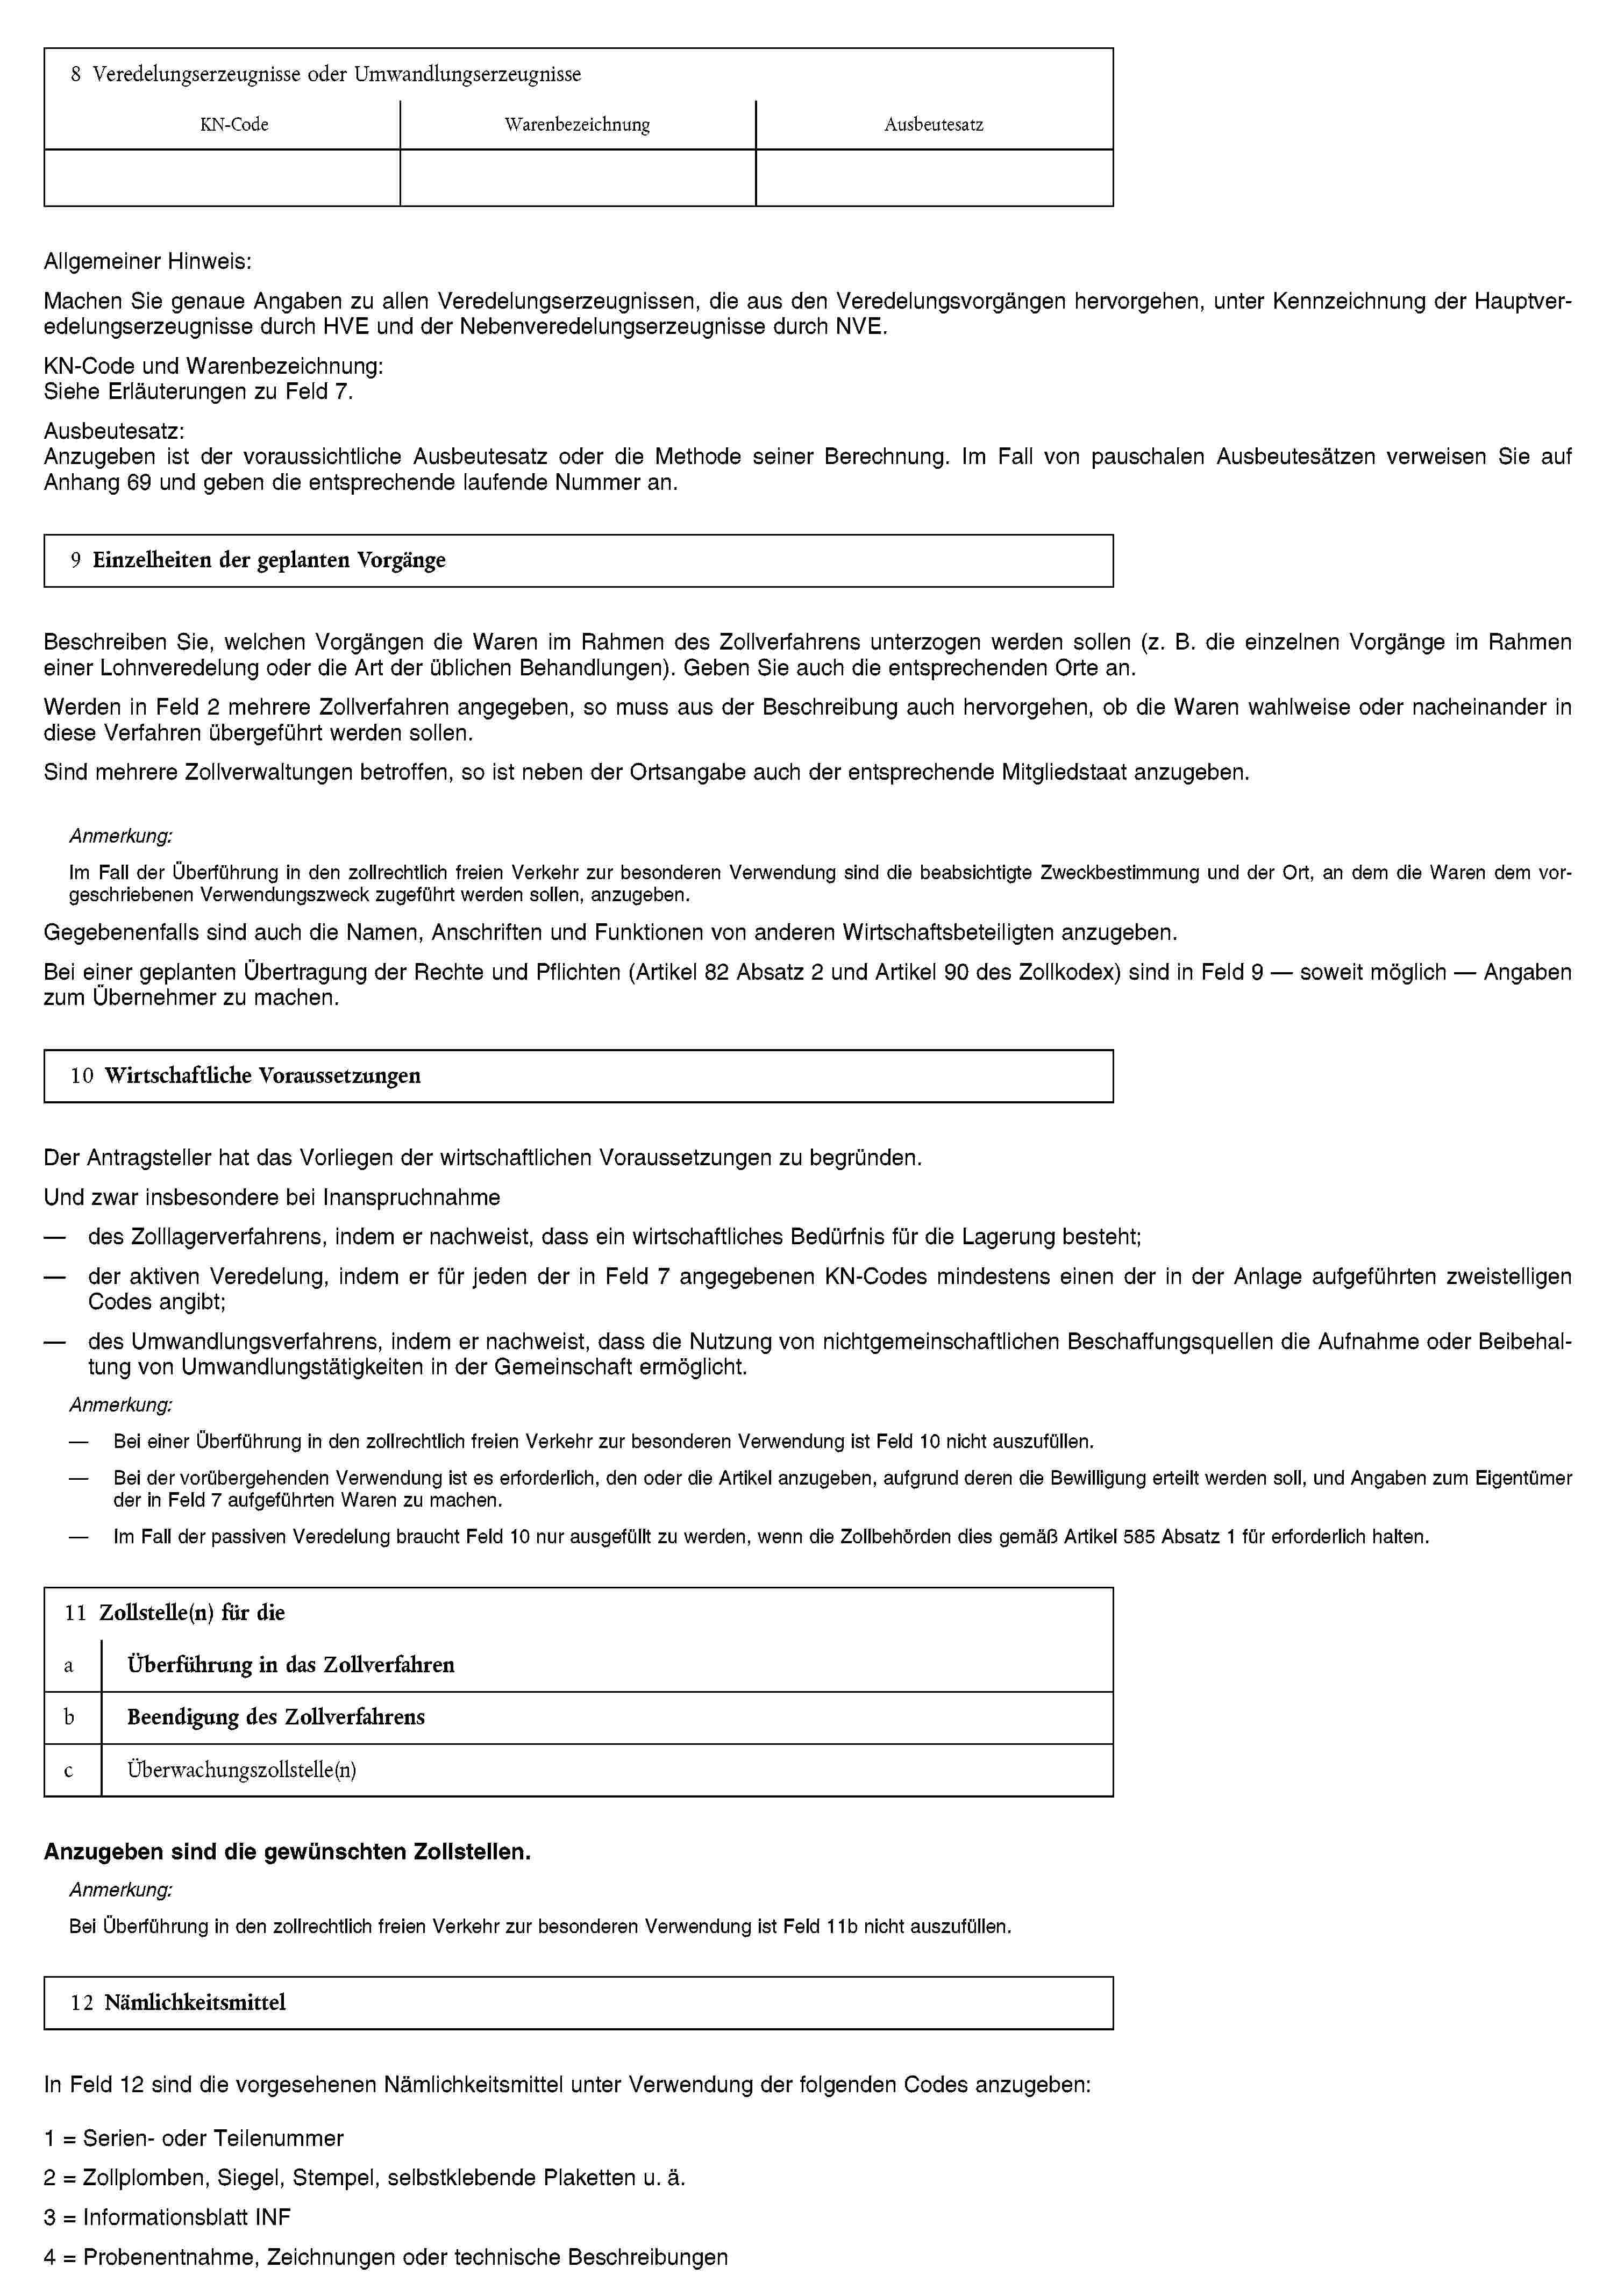 Tolle Schülerbericht Vorlage Wort Zeitgenössisch - Entry Level ...